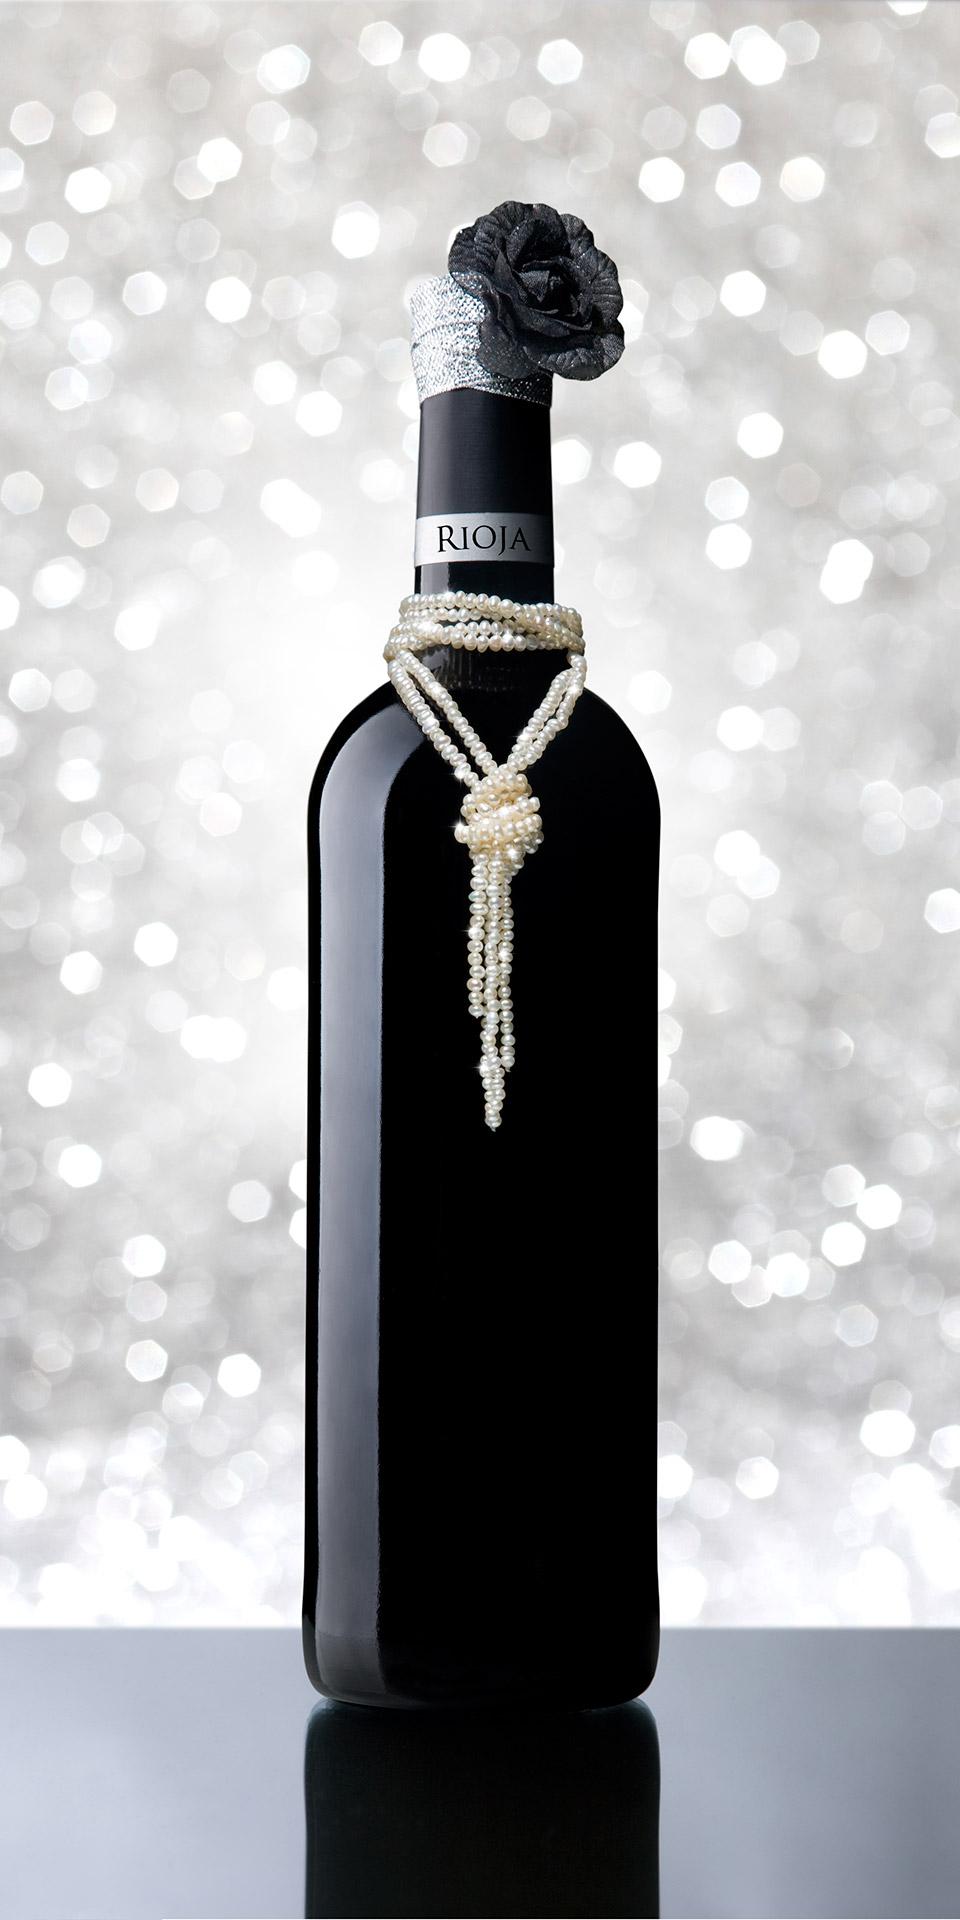 Imagen portada catálogo de vino